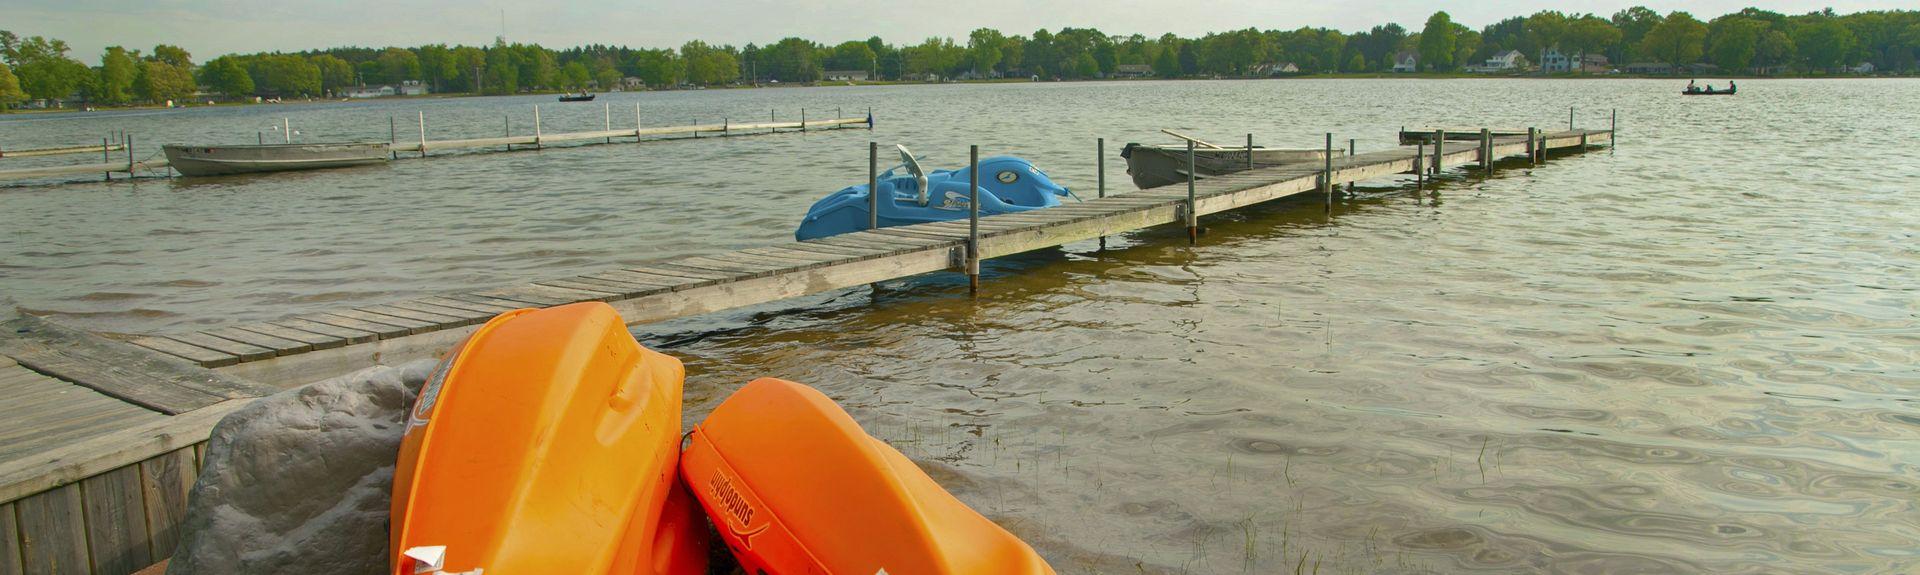 Fremont Lake Park, Fremont, Michigan, États-Unis d'Amérique